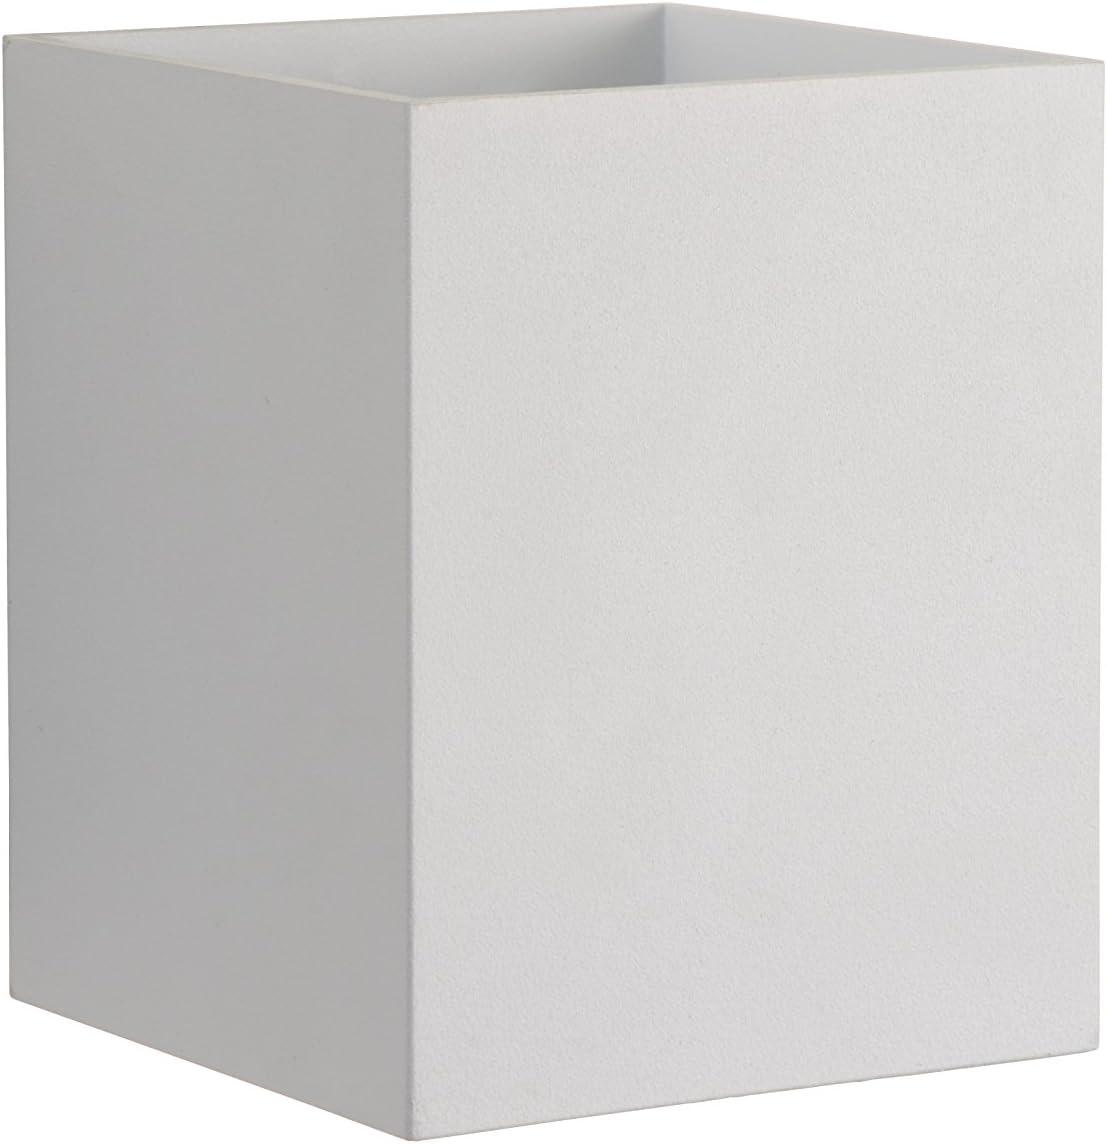 Lucide XERA - Wandleuchte - G9 - Schwarz White